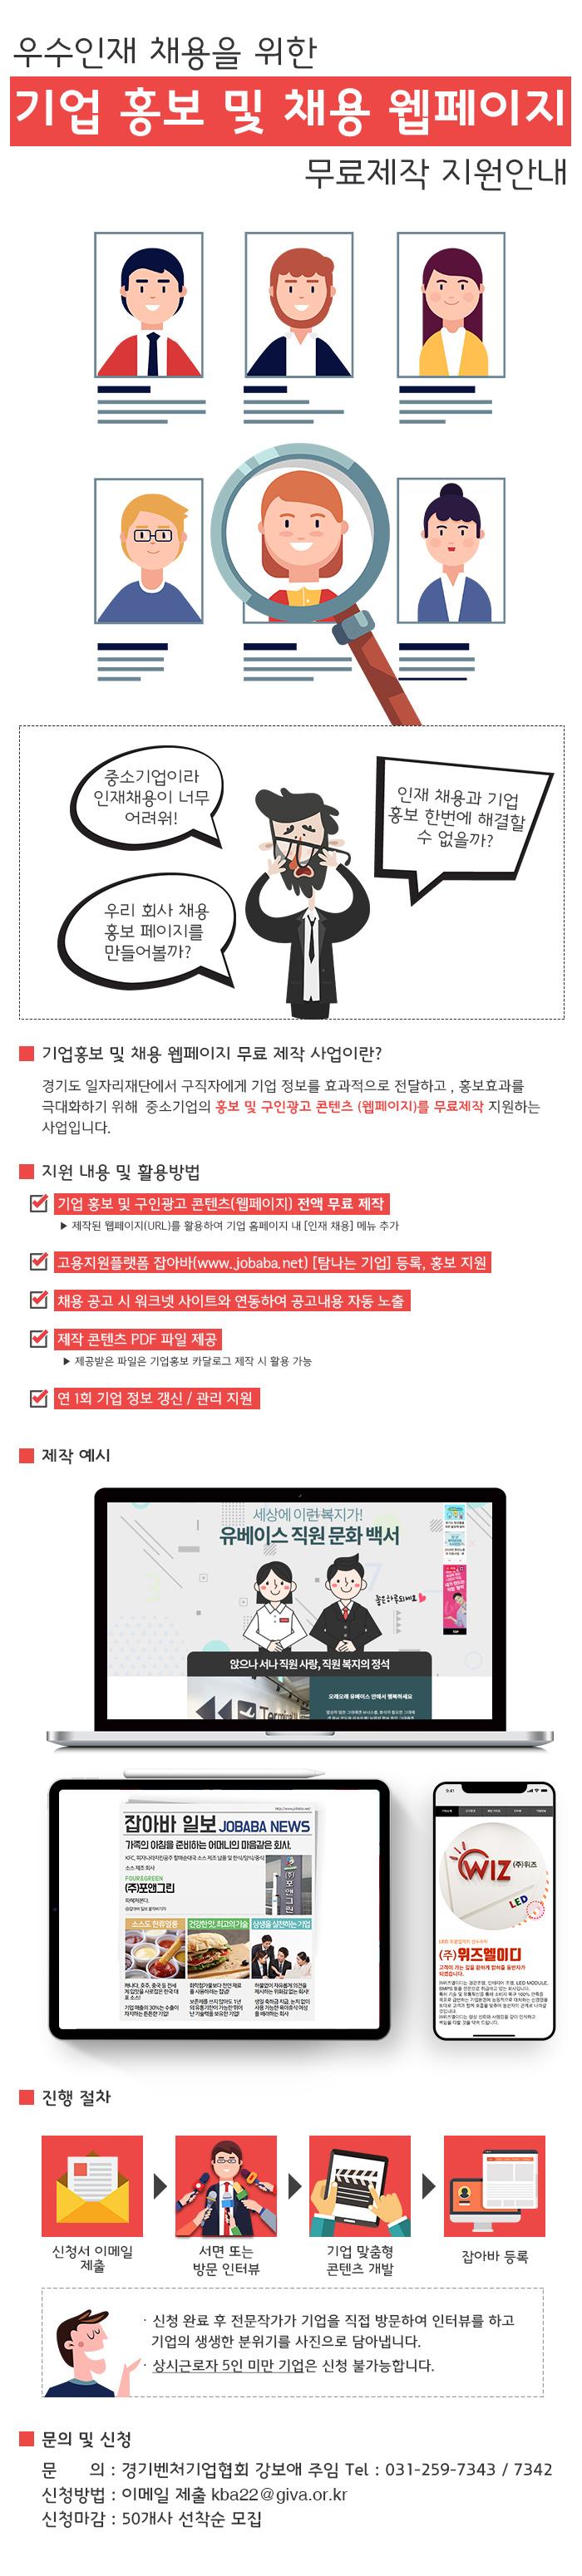 잡아바 홍보물.jpg